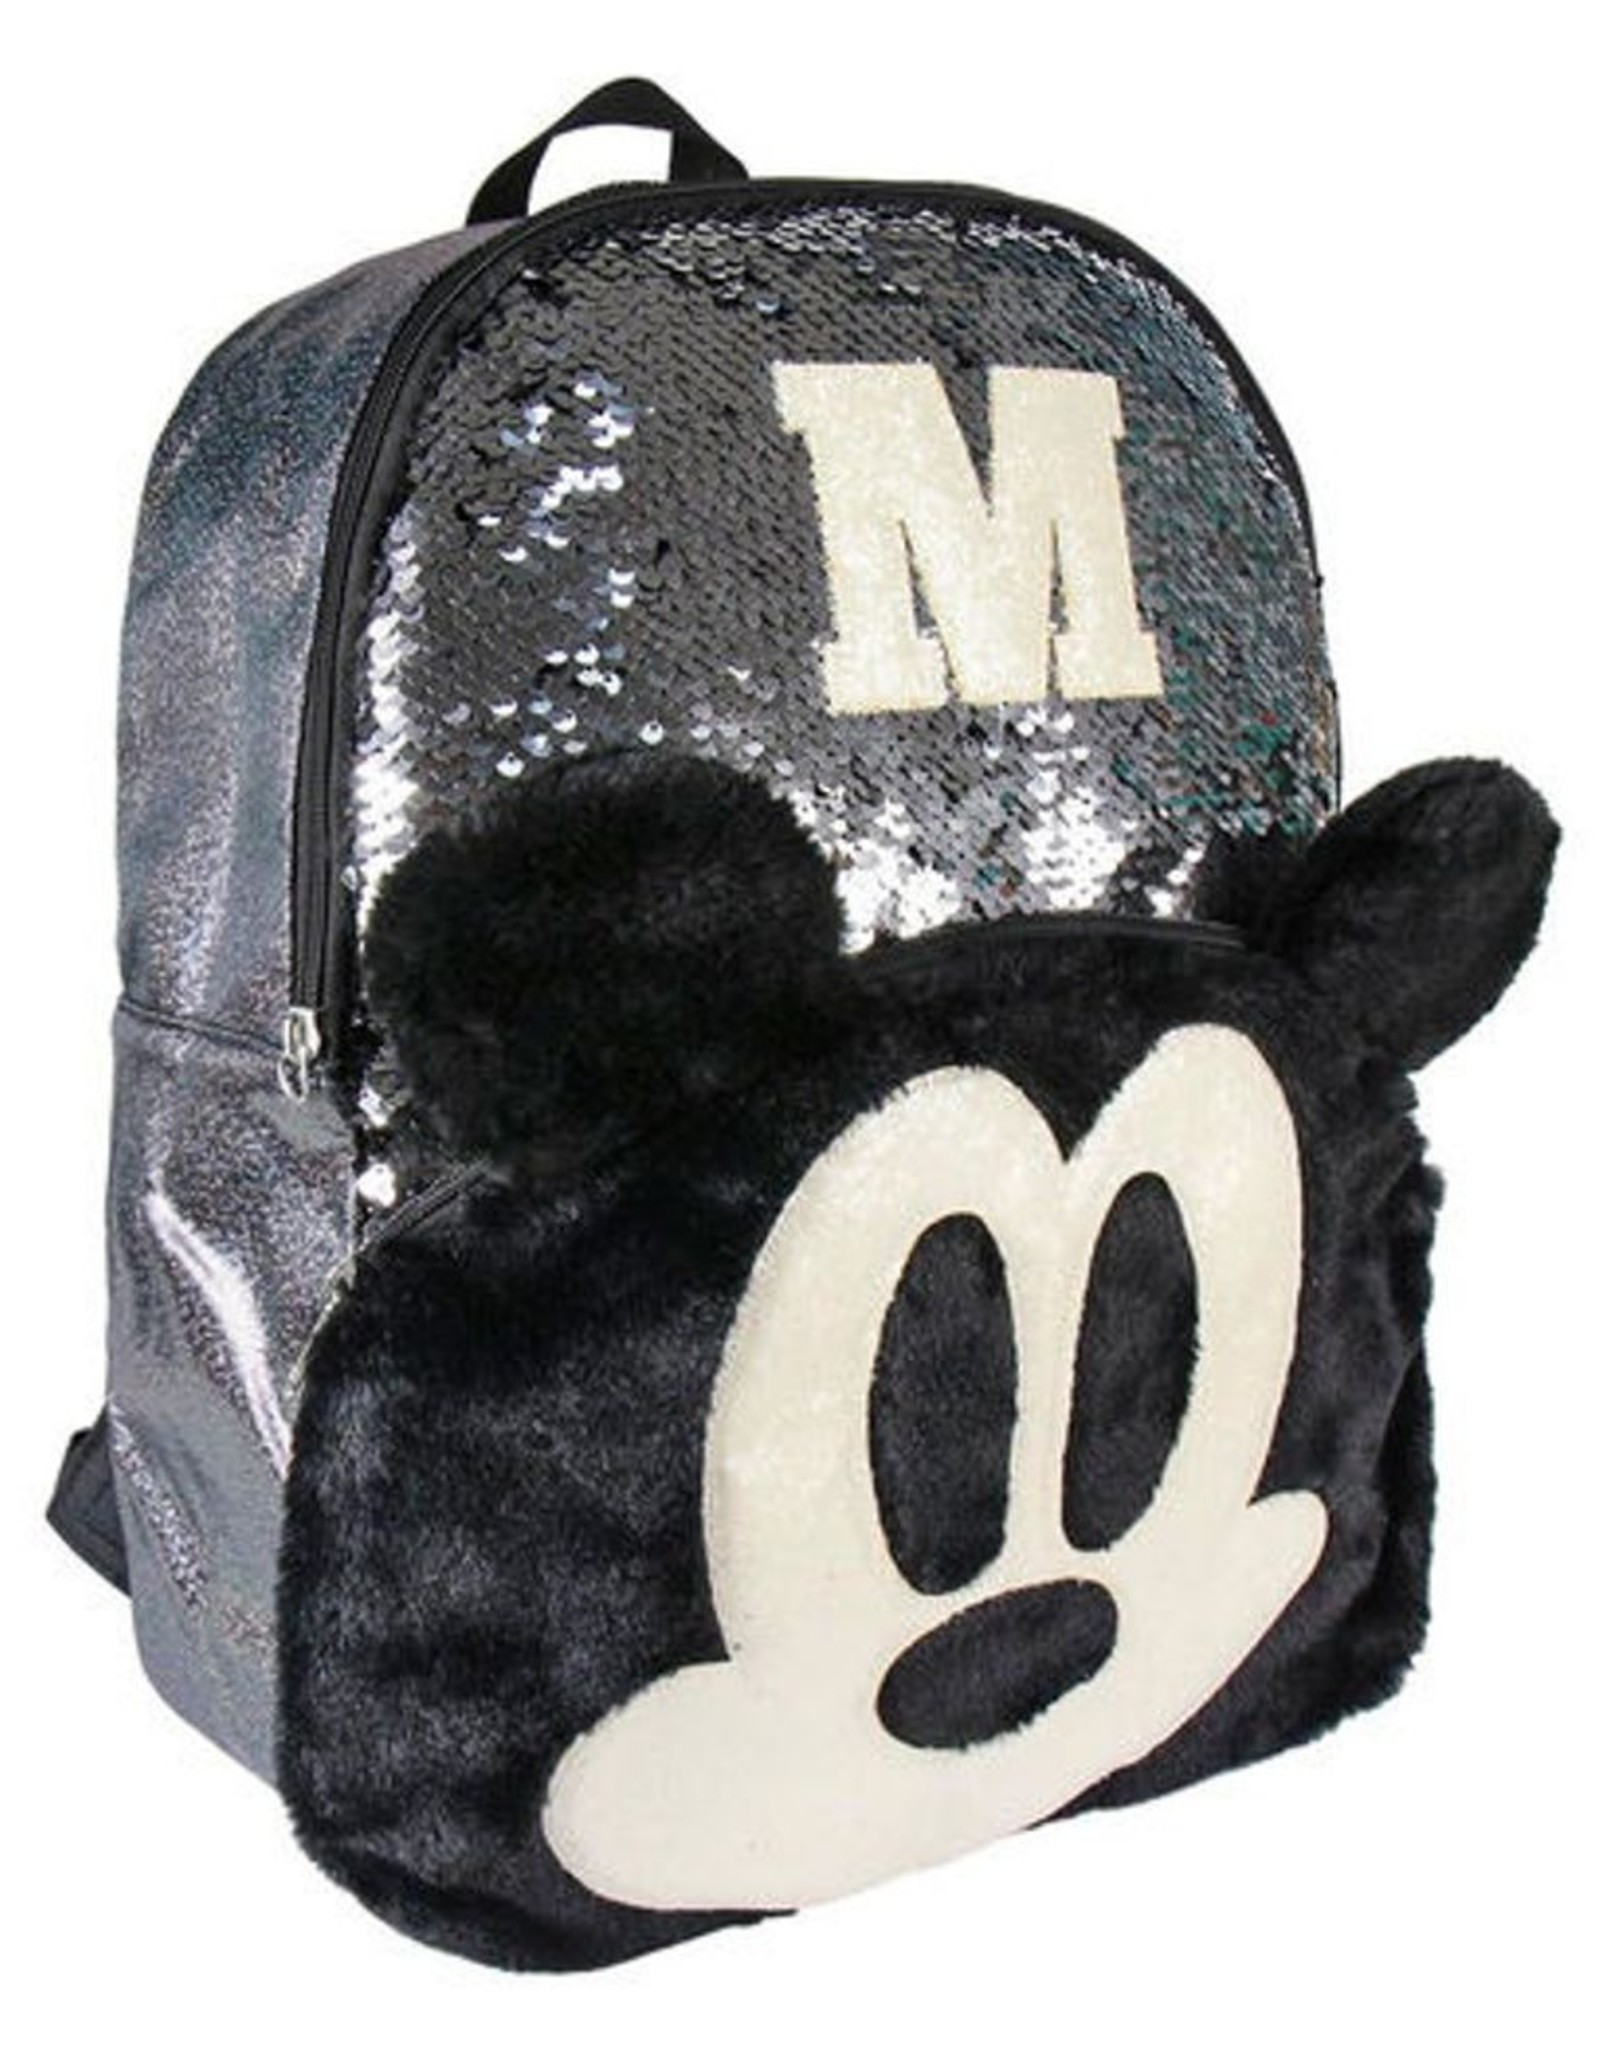 Disney Disney bags - Disney Mickey sequins backpack 40cm (black)